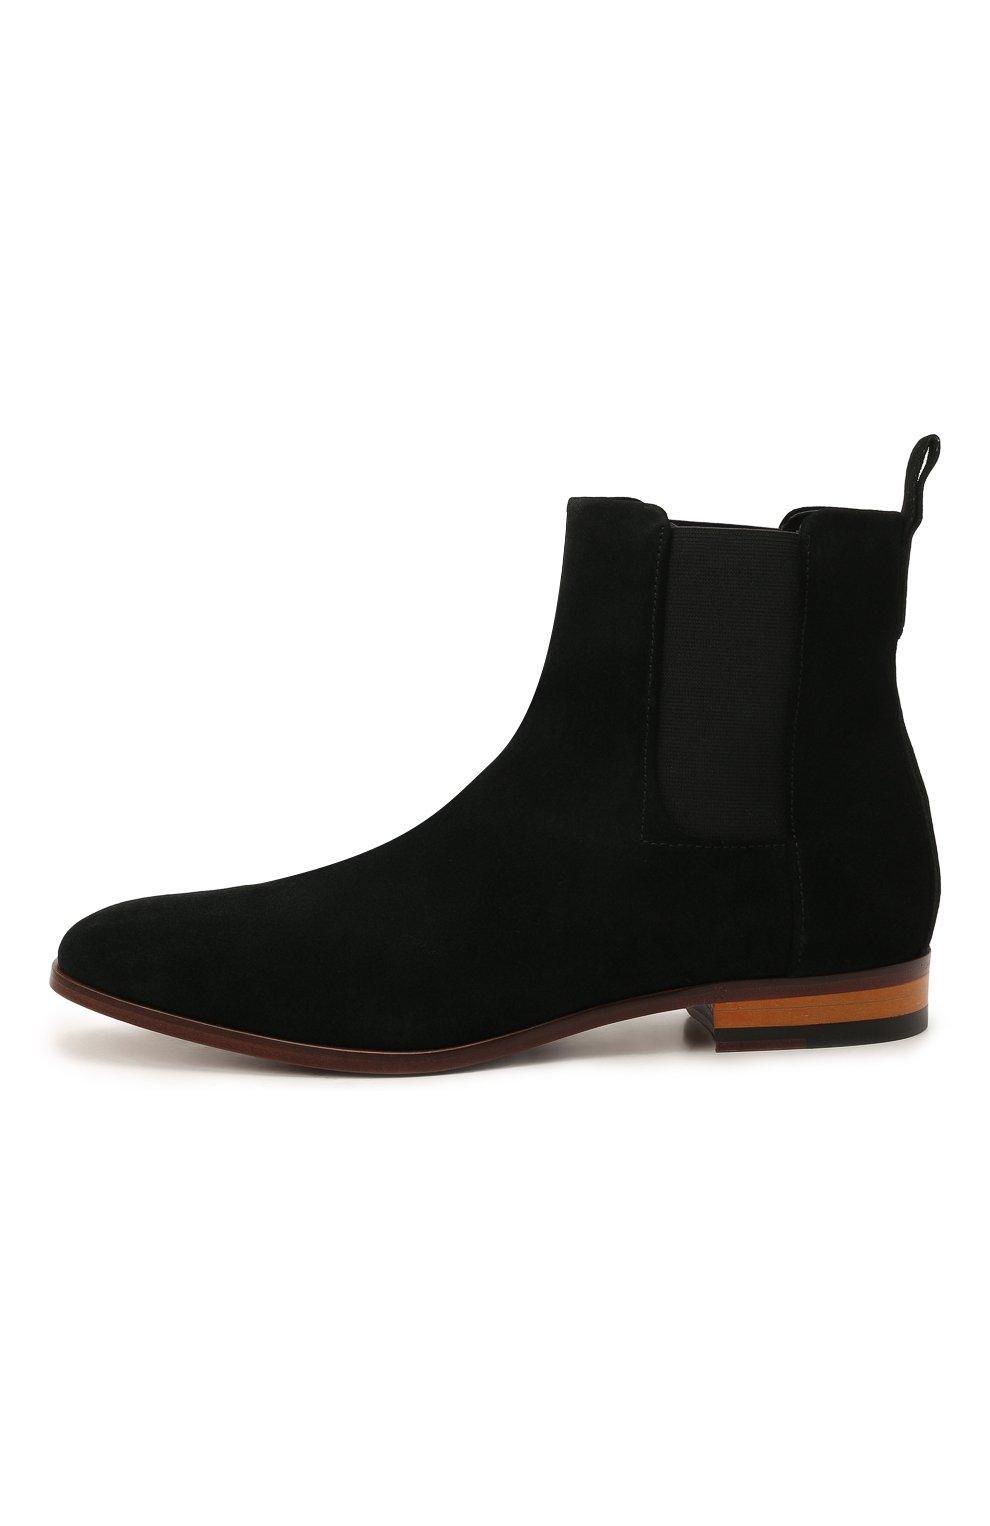 Мужские замшевые казаки HUGO черного цвета, арт. 50454862   Фото 3 (Мужское Кросс-КТ: Казаки-обувь, Сапоги-обувь; Подошва: Плоская; Материал внешний: Замша)